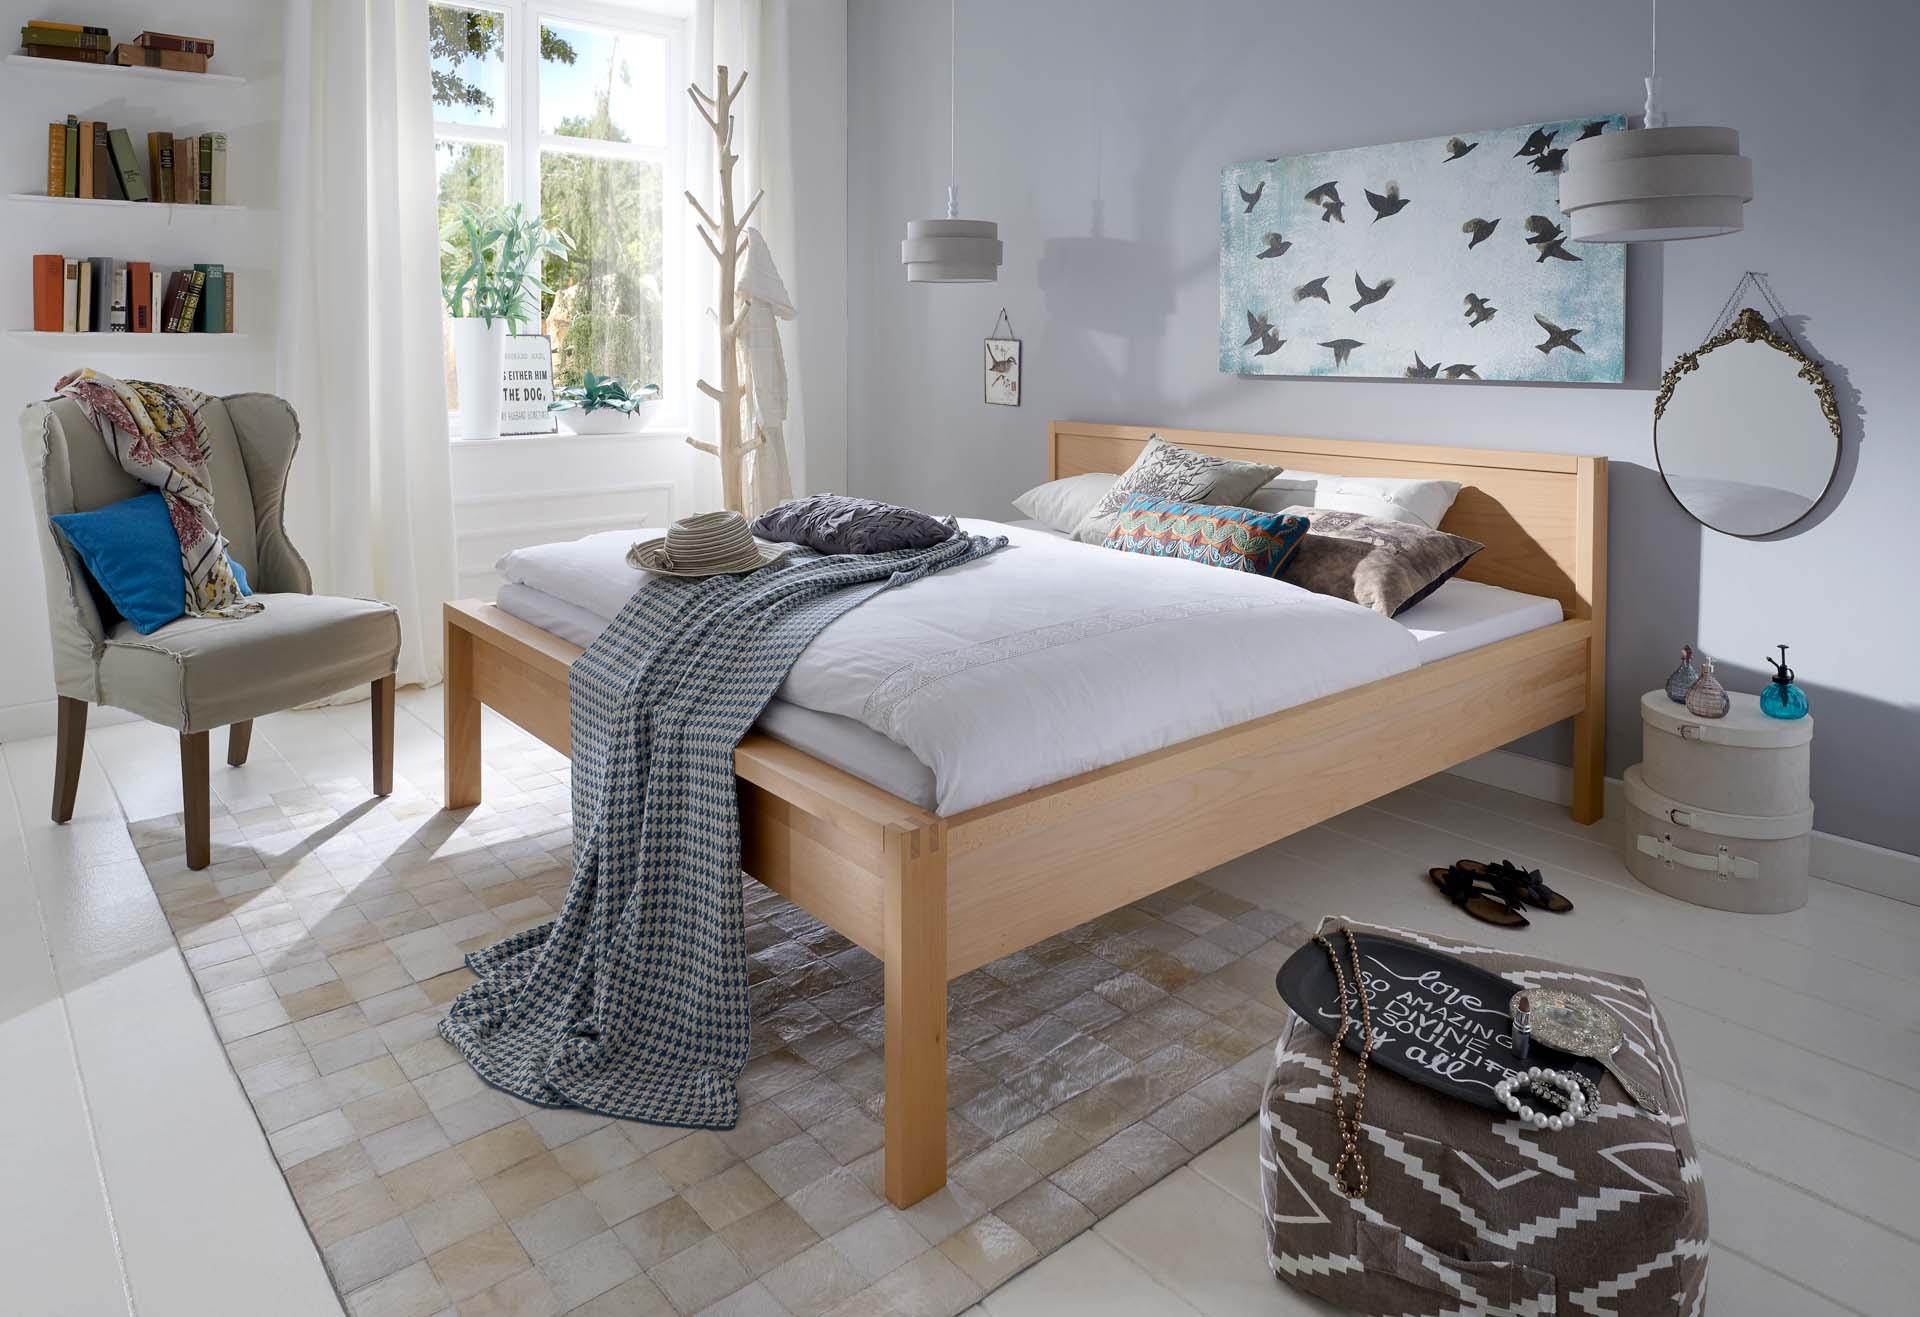 bettdecken strauss innovation schlafzimmer komplett bettw sche kleiner roter traktor. Black Bedroom Furniture Sets. Home Design Ideas